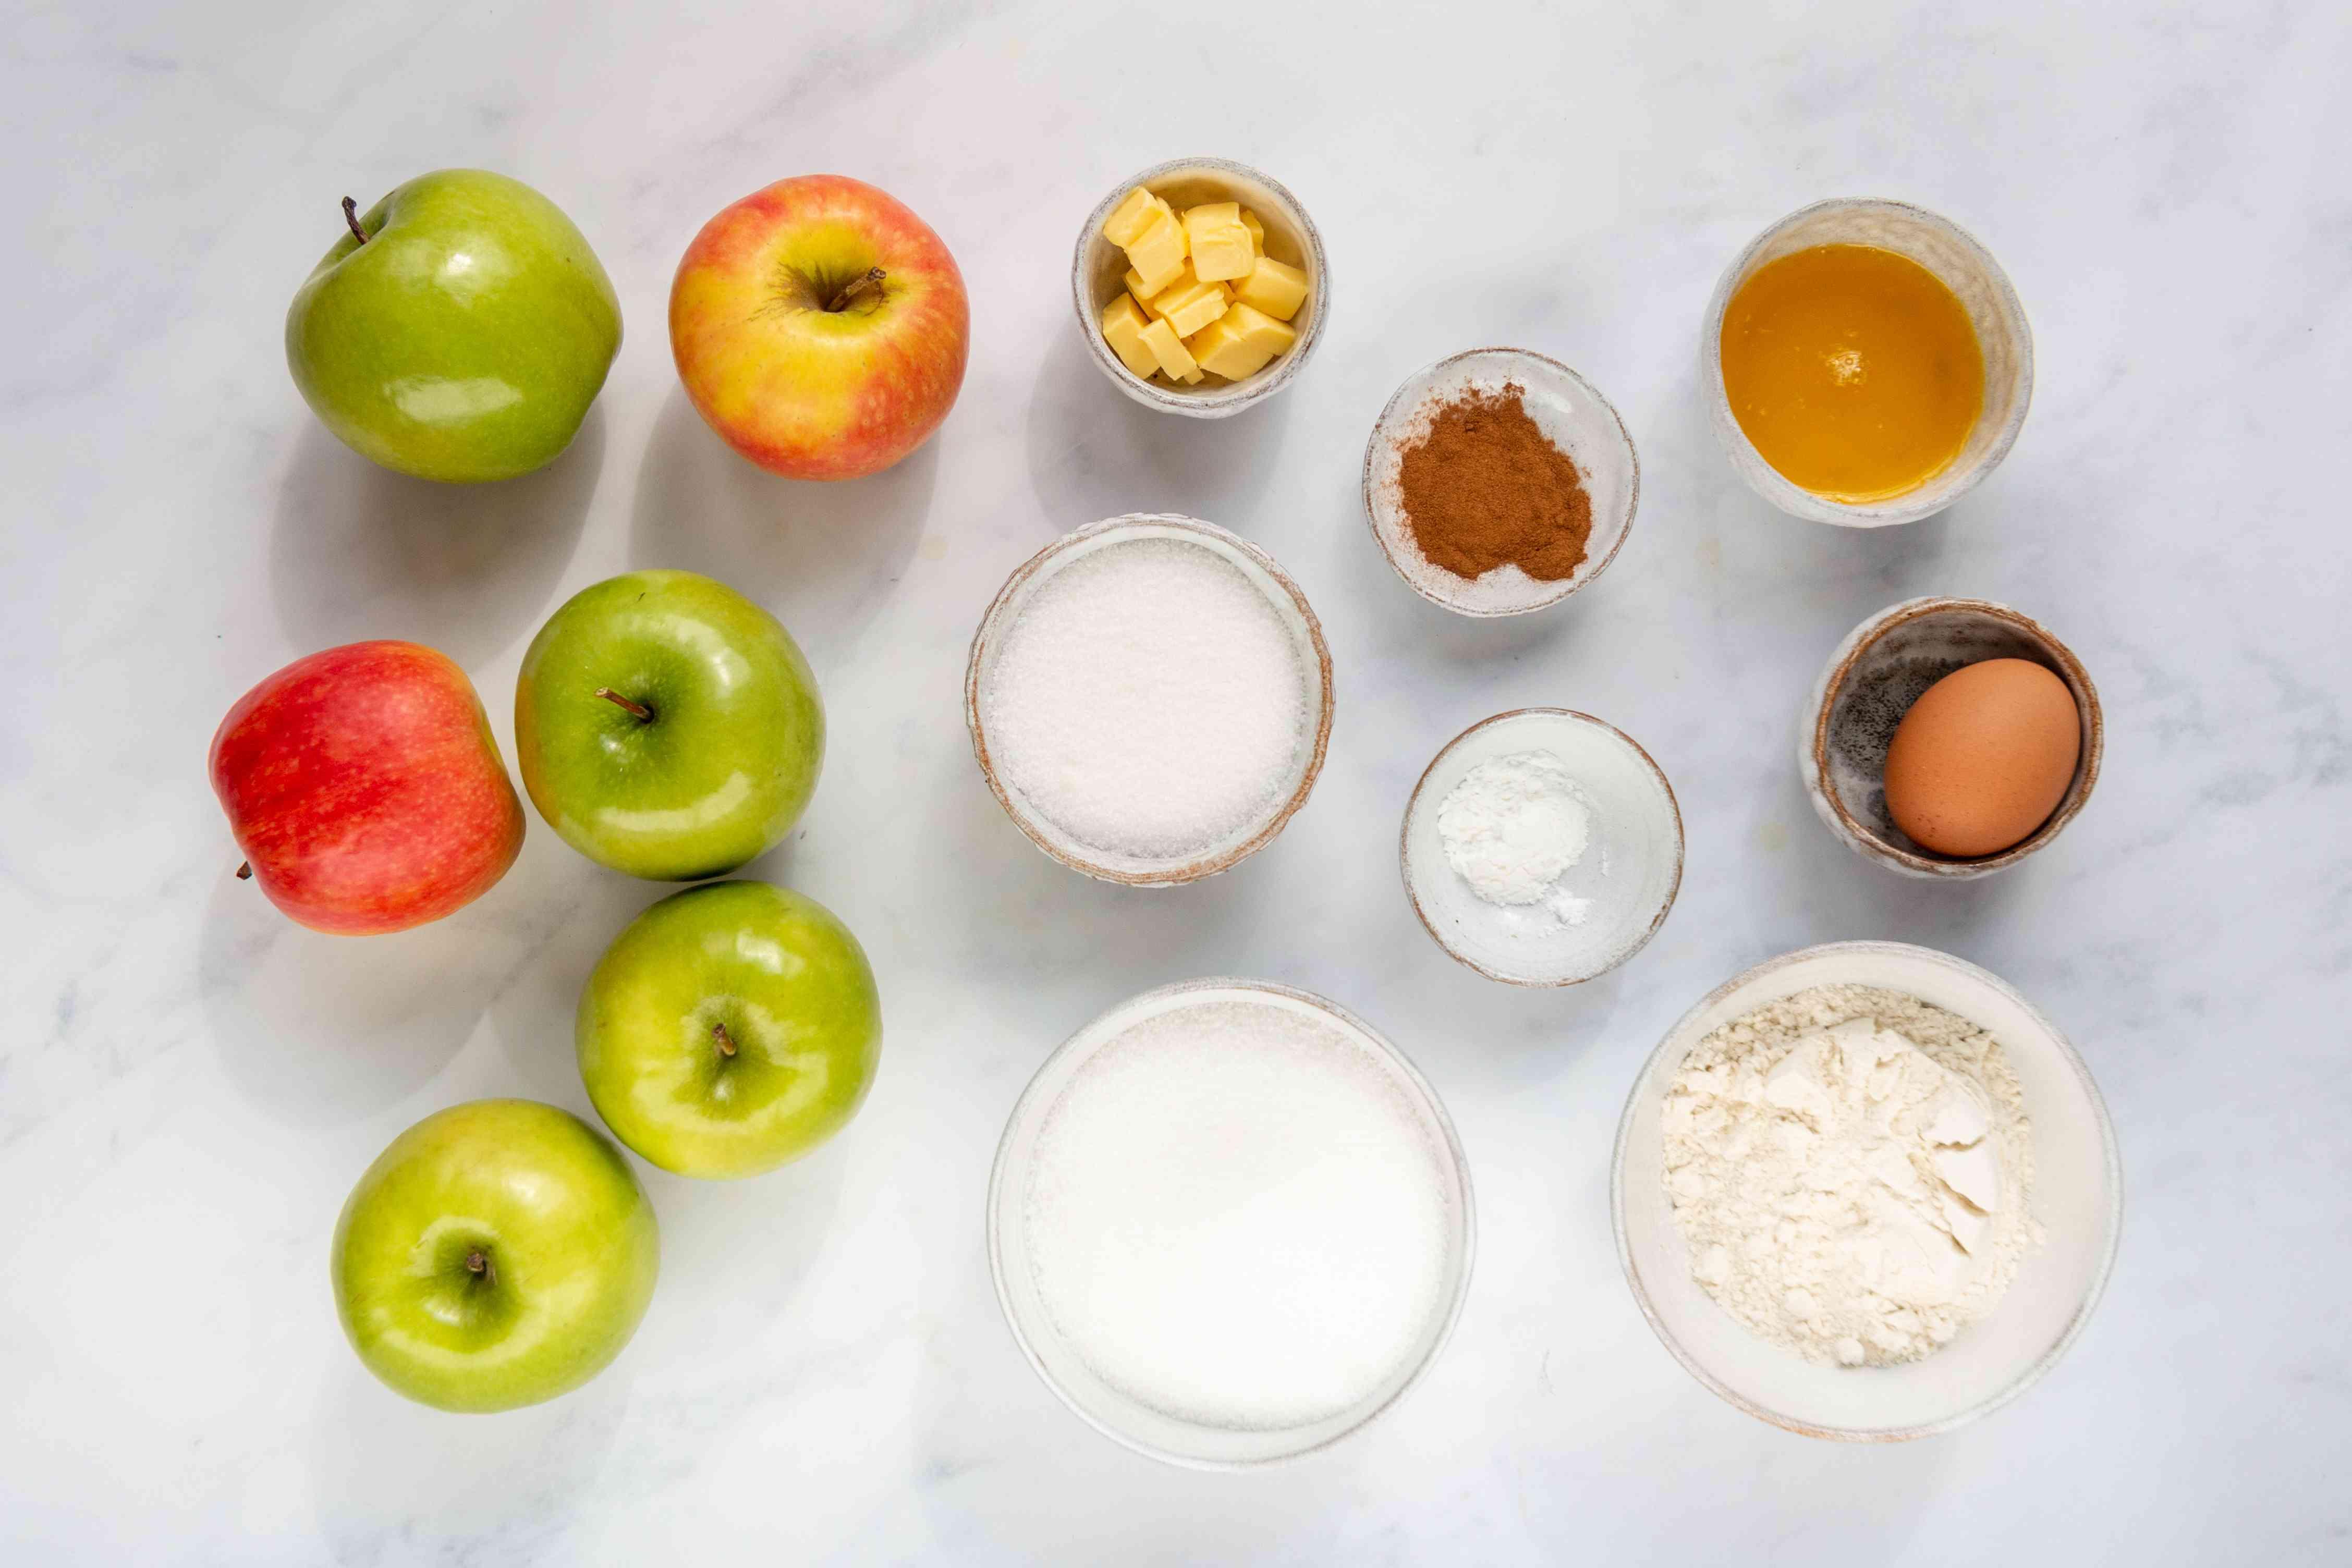 Apple Crunch Dessert With Cinnamon ingredients